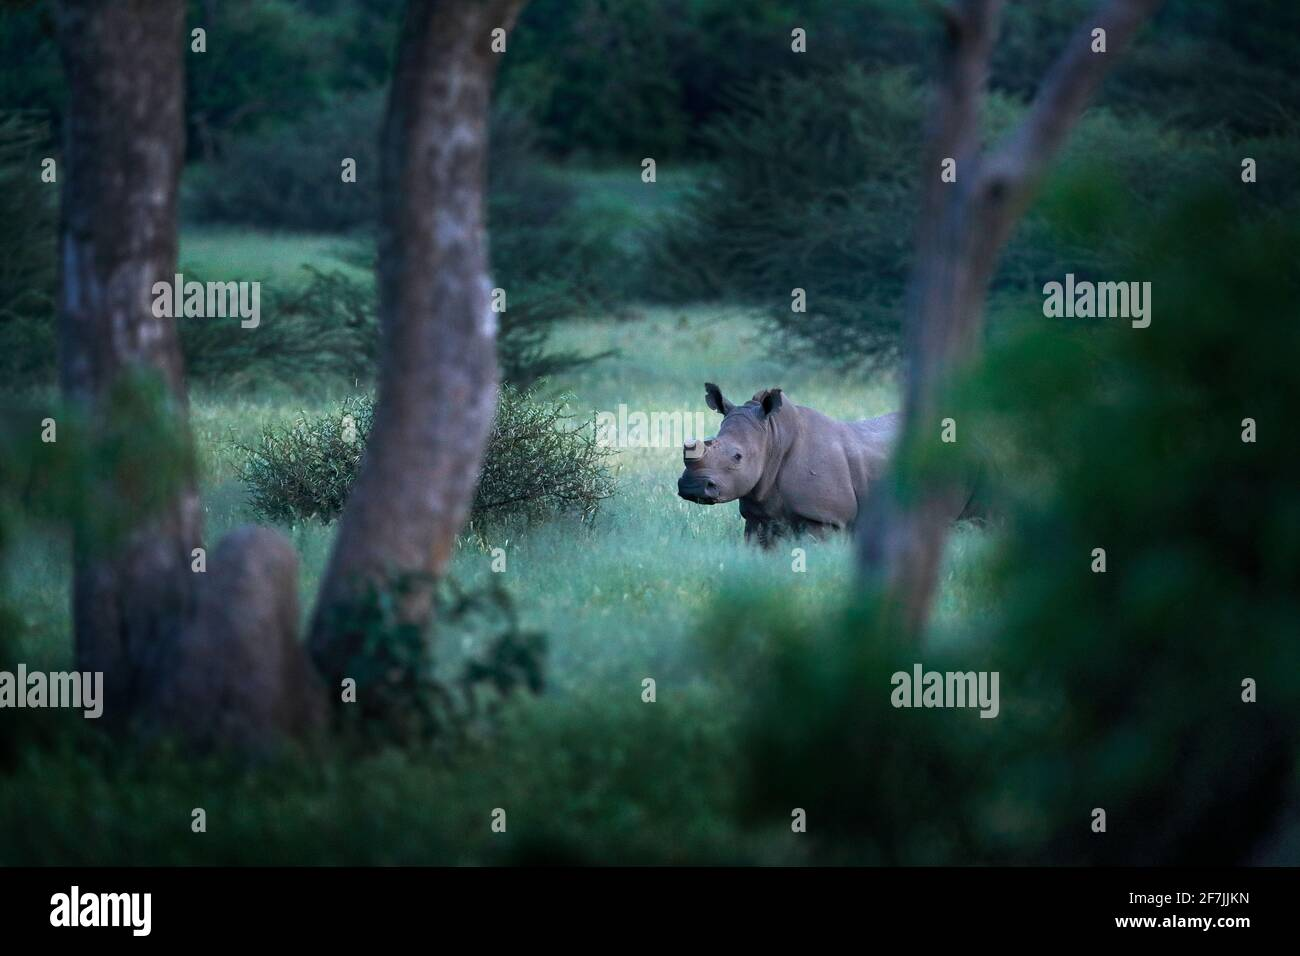 Rhino in Waldlebensraum. Weißes Nashorn, Ceratotherium simum, mit geschnittenen Hörnern, im Naturlebensraum, Okavango Delta, Botswana. Afrika. Tierarten-Scen Stockfoto